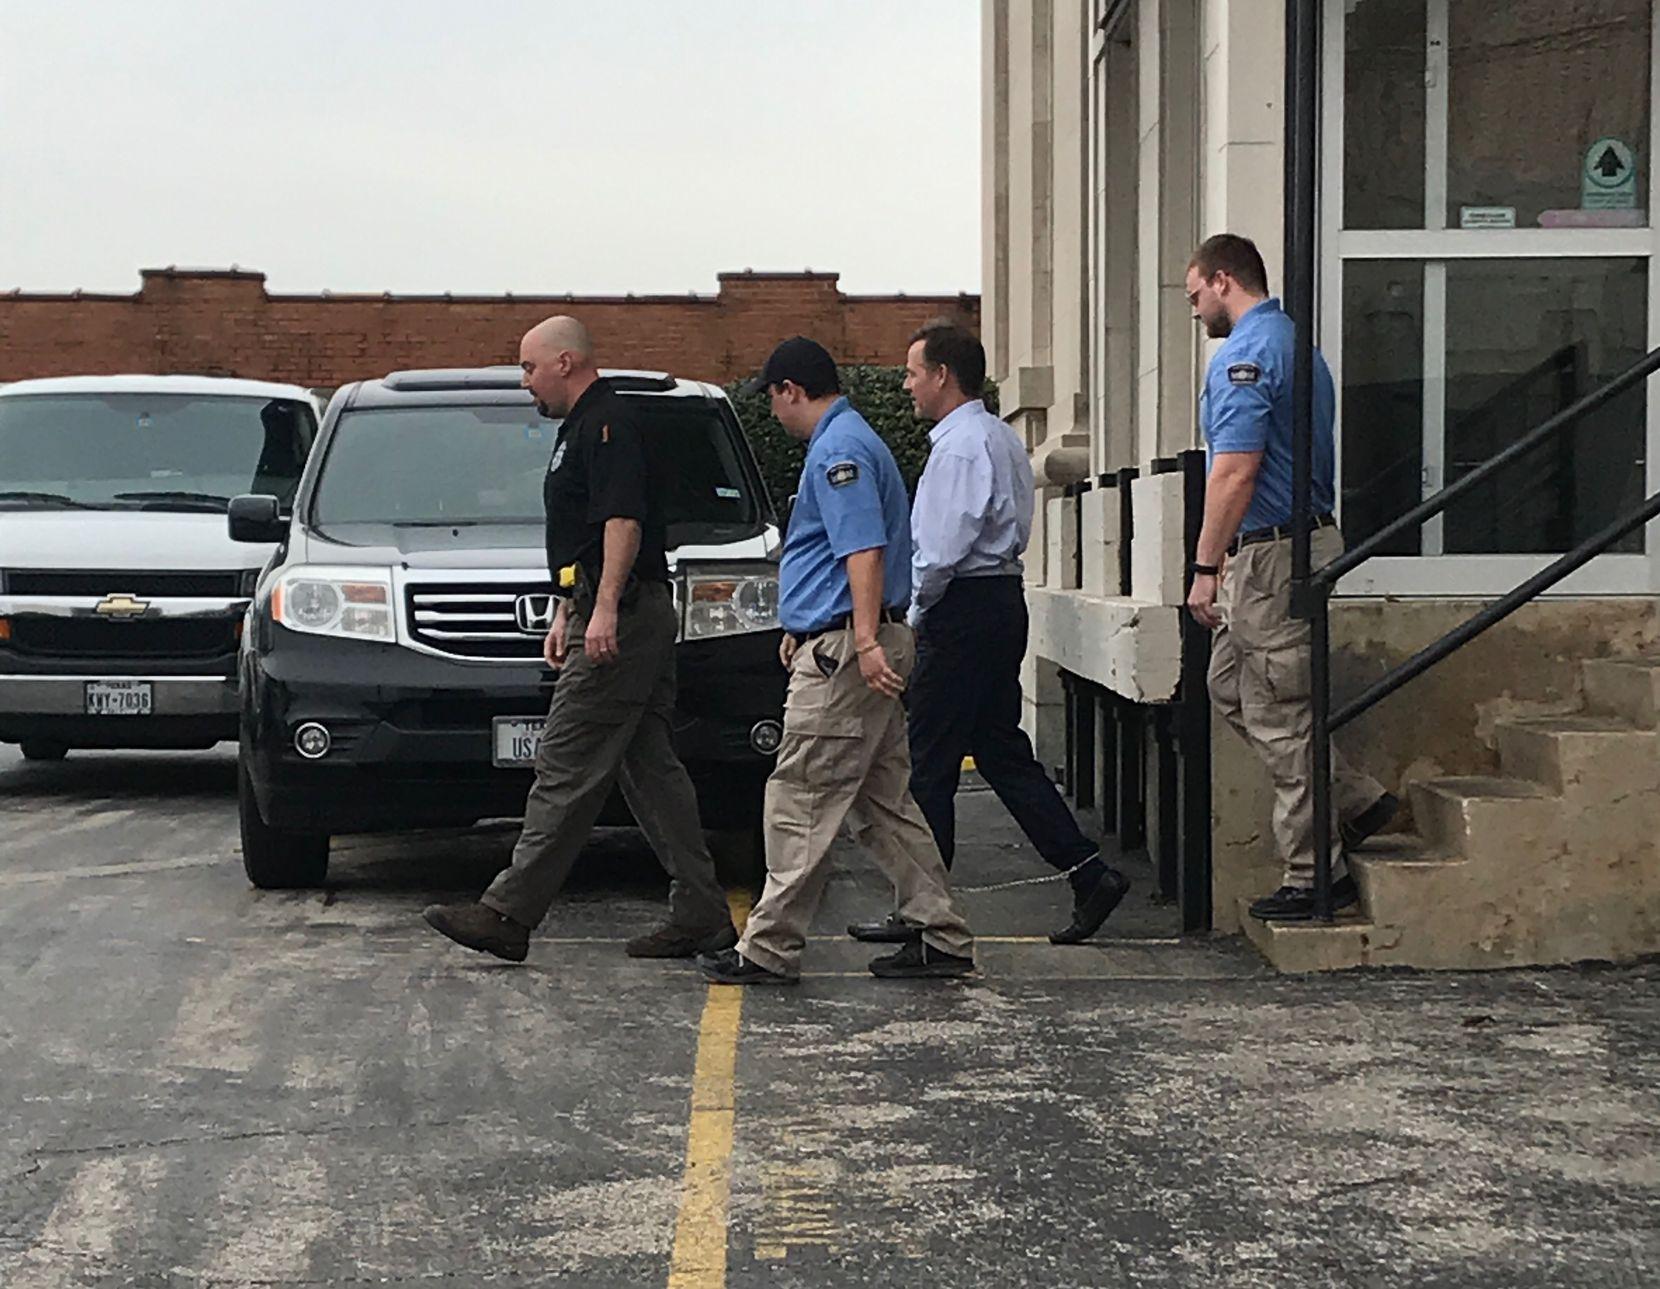 Mark Jordan (deuxième à partir de la droite) a quitté le palais de justice fédéral de Sherman menotté et enchaîné après avoir été reconnu coupable en mars 2019. Il a ensuite été libéré, puis le juge a accordé à la défense un nouveau procès.